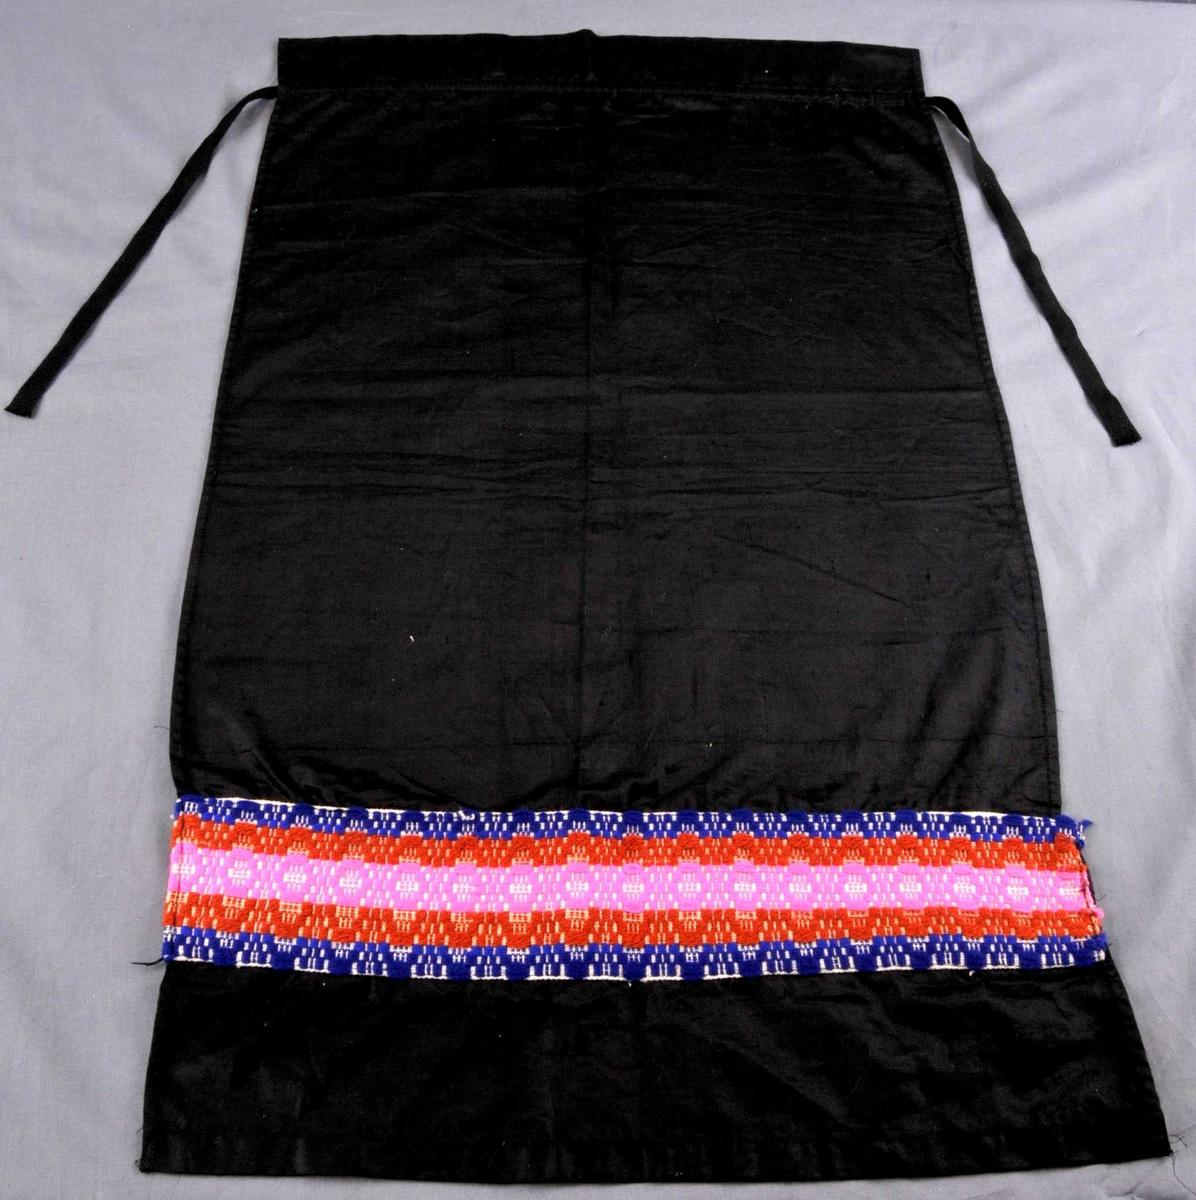 Forkle av svart lasting med ein løpegang for ein svart ullbendel som er nytta som knyteband. 5 cm rynkehovud i øvrekant. På eit 9 cm breit dekorfelt i tavlebragd. Forkle er sauma  med maskin.